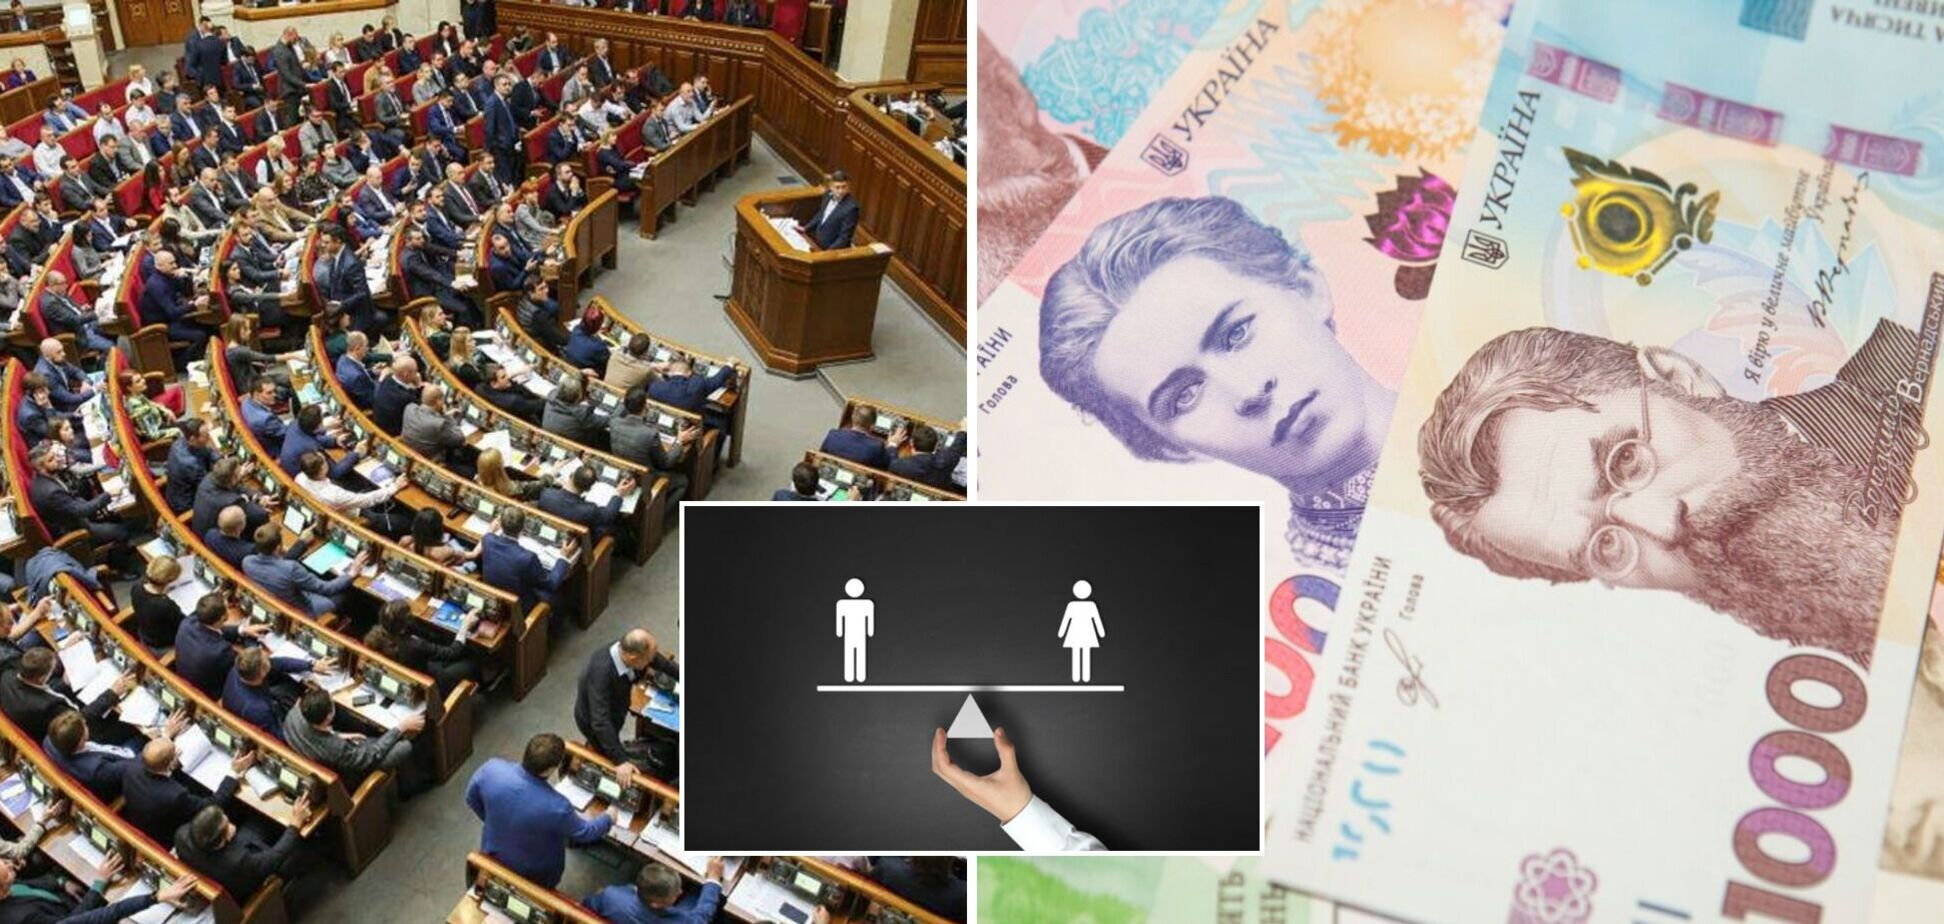 З досягненням гендерної рівності у Верховній Раді впоралися не всі